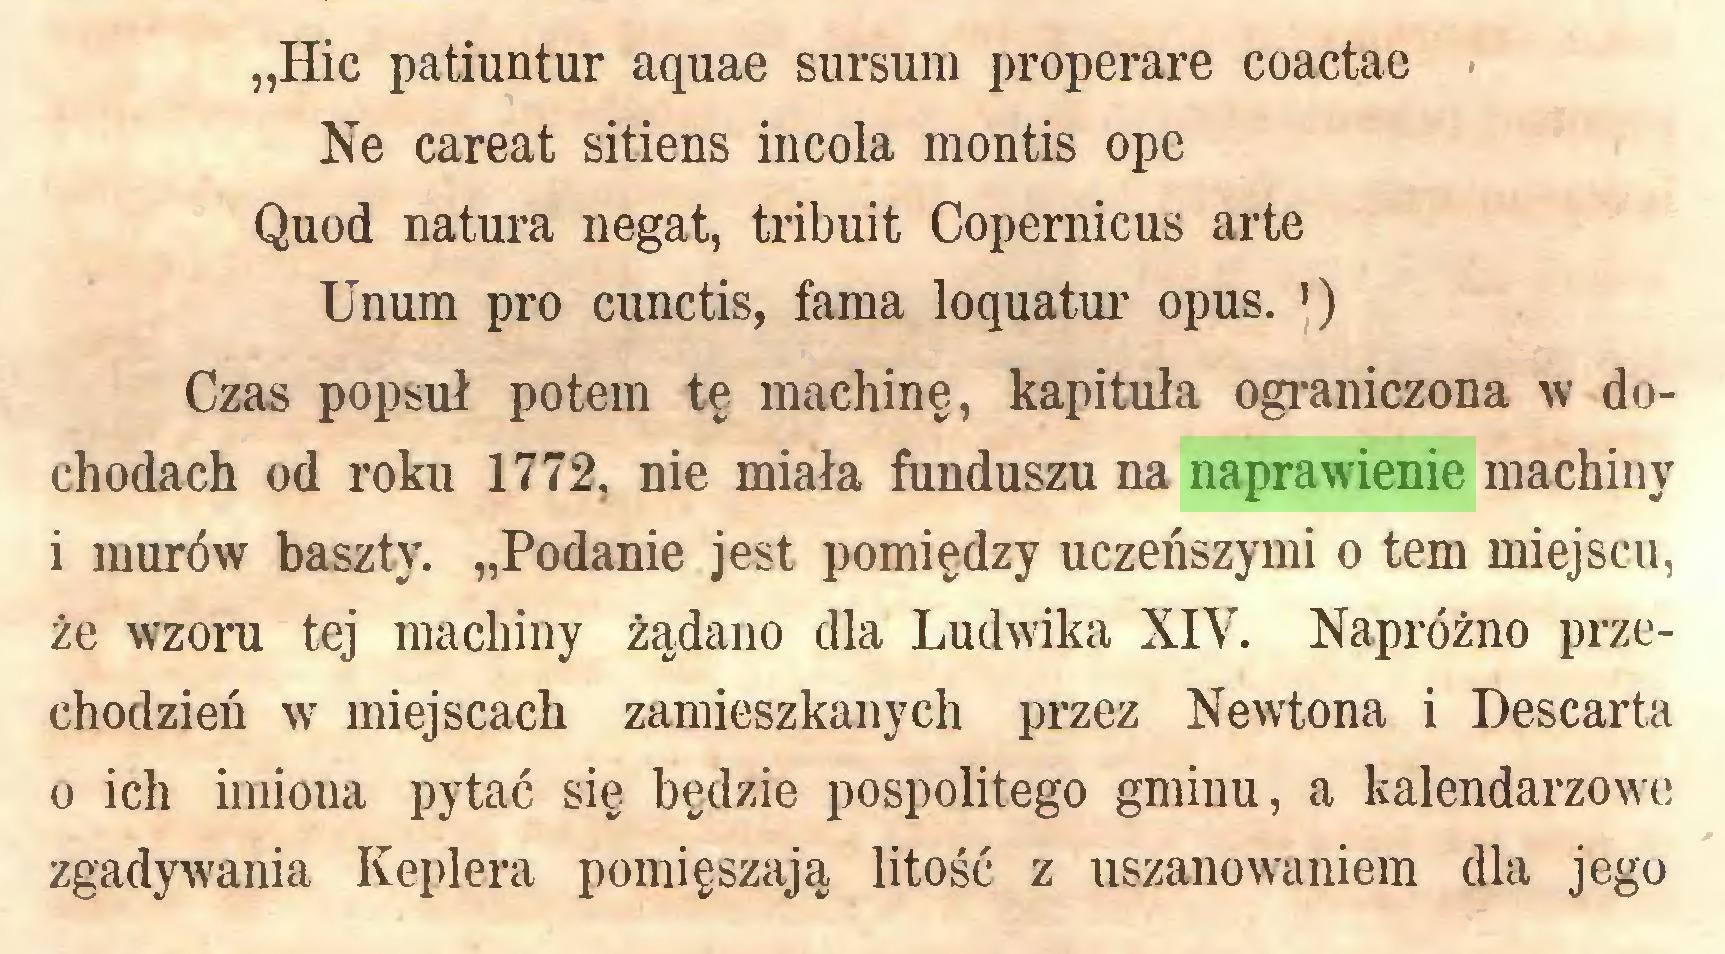 """(...) """"Hic patiuntur aquae sursum properare coactae Ne careat sitiens incola montis ope Quod natura negat, tribuit Copernicus arte Unum pro cunctis, fama loquatur opus. ') Czas popsuł potem tę machinę, kapituła ograniczona w dochodach od roku 1772, nie miała funduszu na naprawienie machiny i murów baszty. """"Podanie jest pomiędzy uczeńszymi o tem miejscu, że wzoru tej machiny żądano dla Ludwika XIV. Napróżno przechodzień w miejscach zamieszkanych przez Newtona i Descarta o ich imiona pytać się będzie pospolitego gminu, a kalendarzowe zgadywania Keplera pomięszają litość z uszanowaniem dla jego..."""